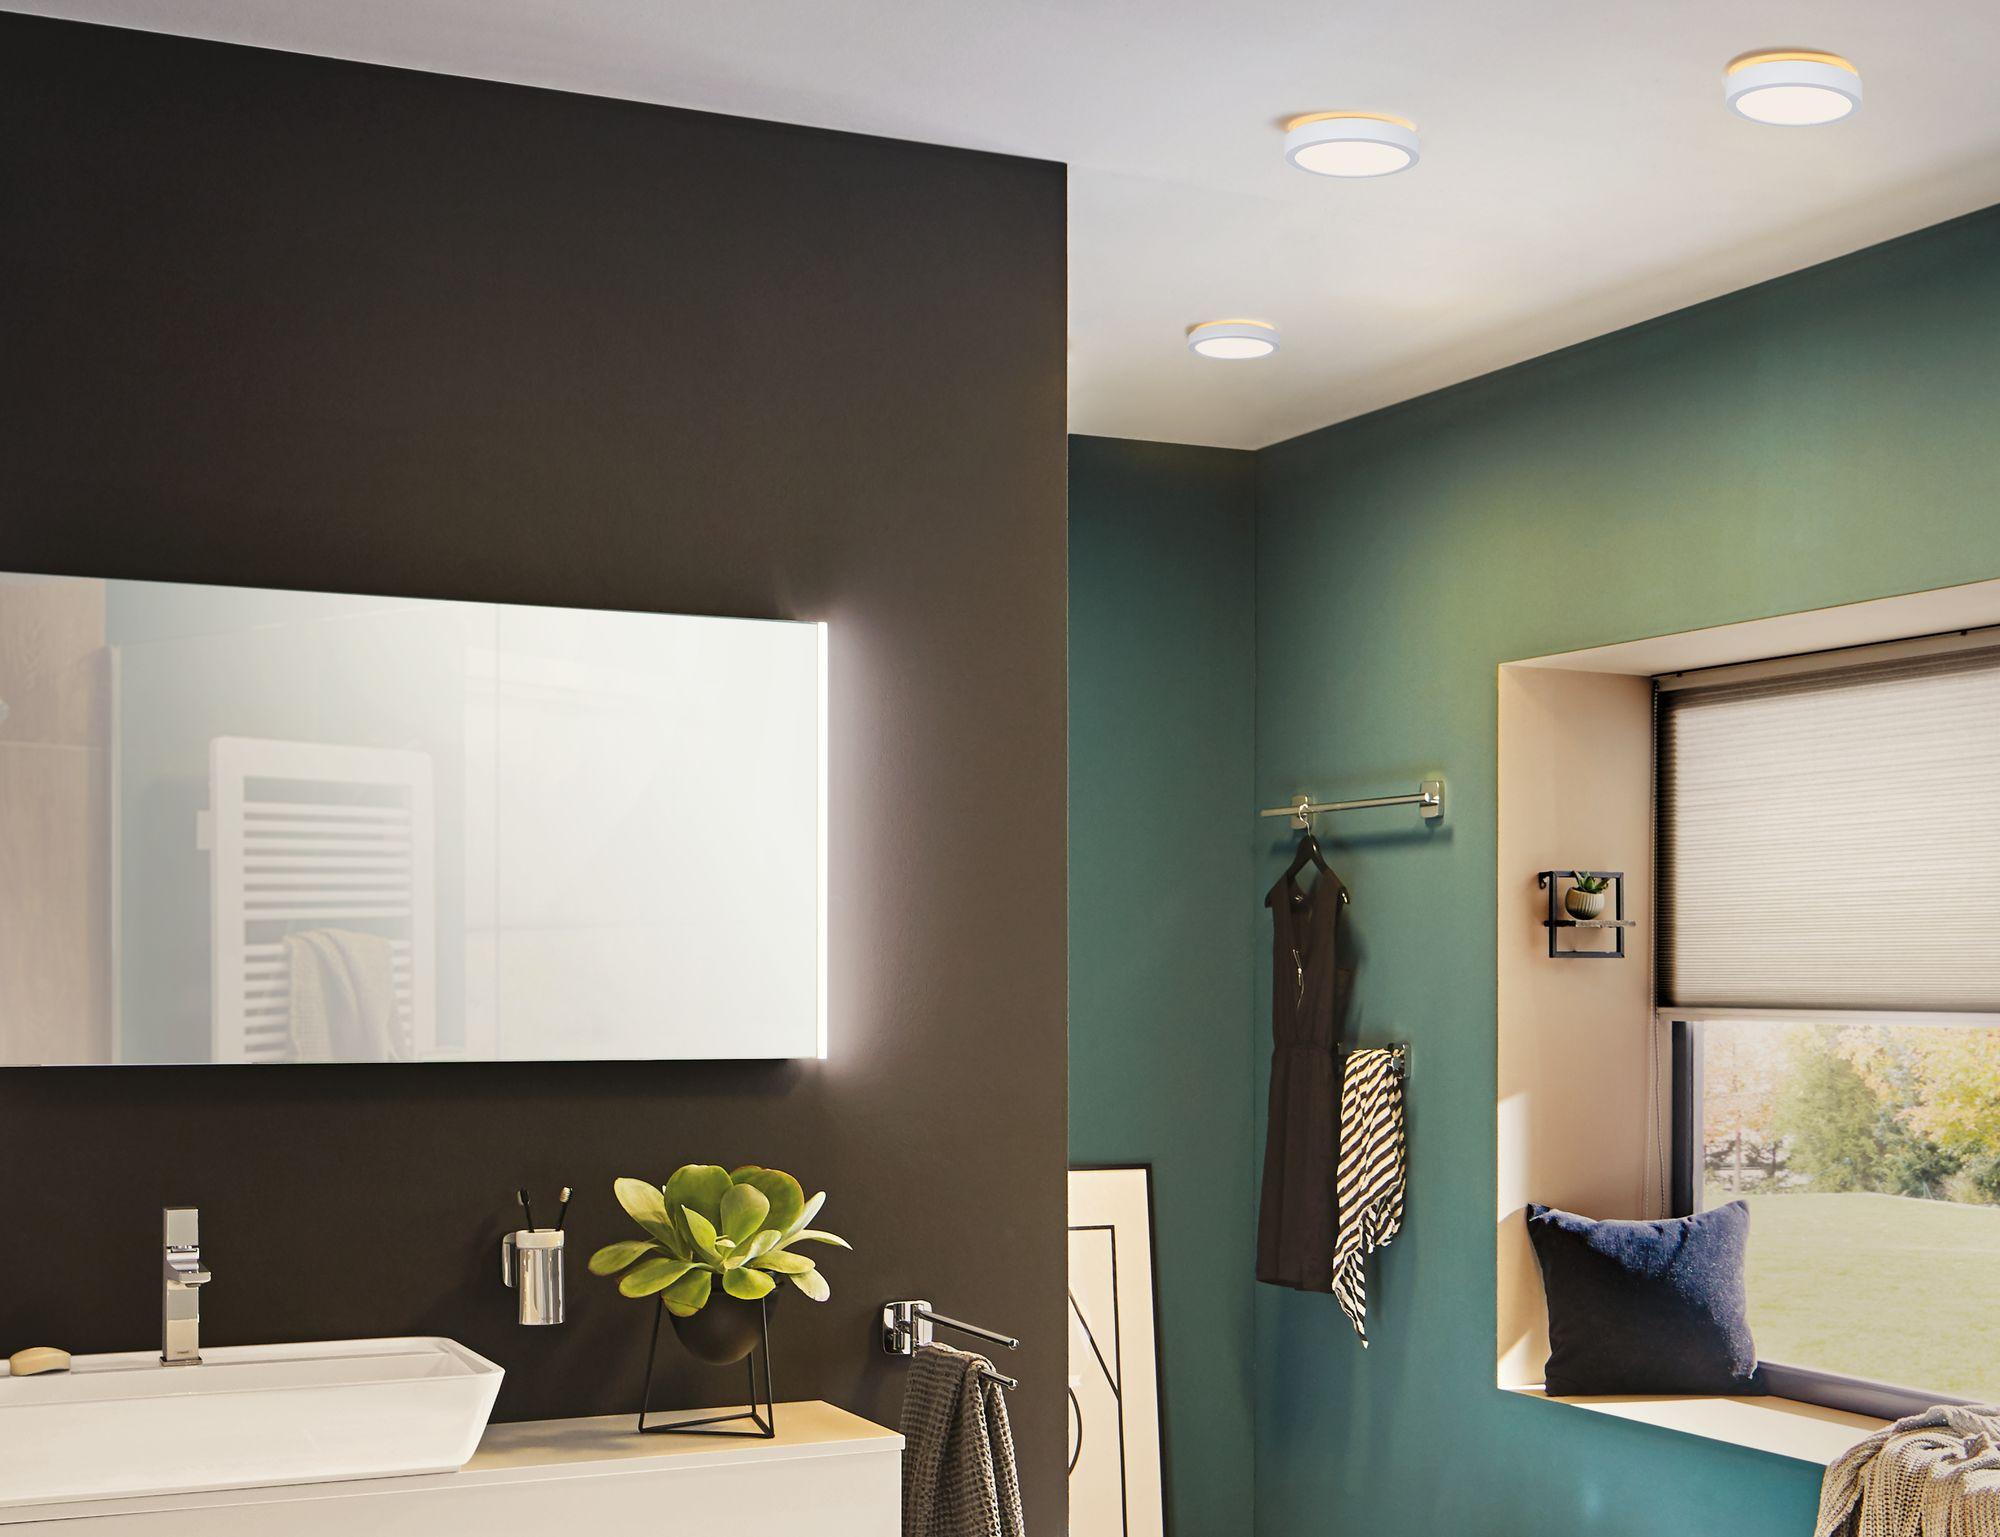 Universell einsetzbare LED Deckenlampe Aviar 20cm Weiß mit IP20 ...